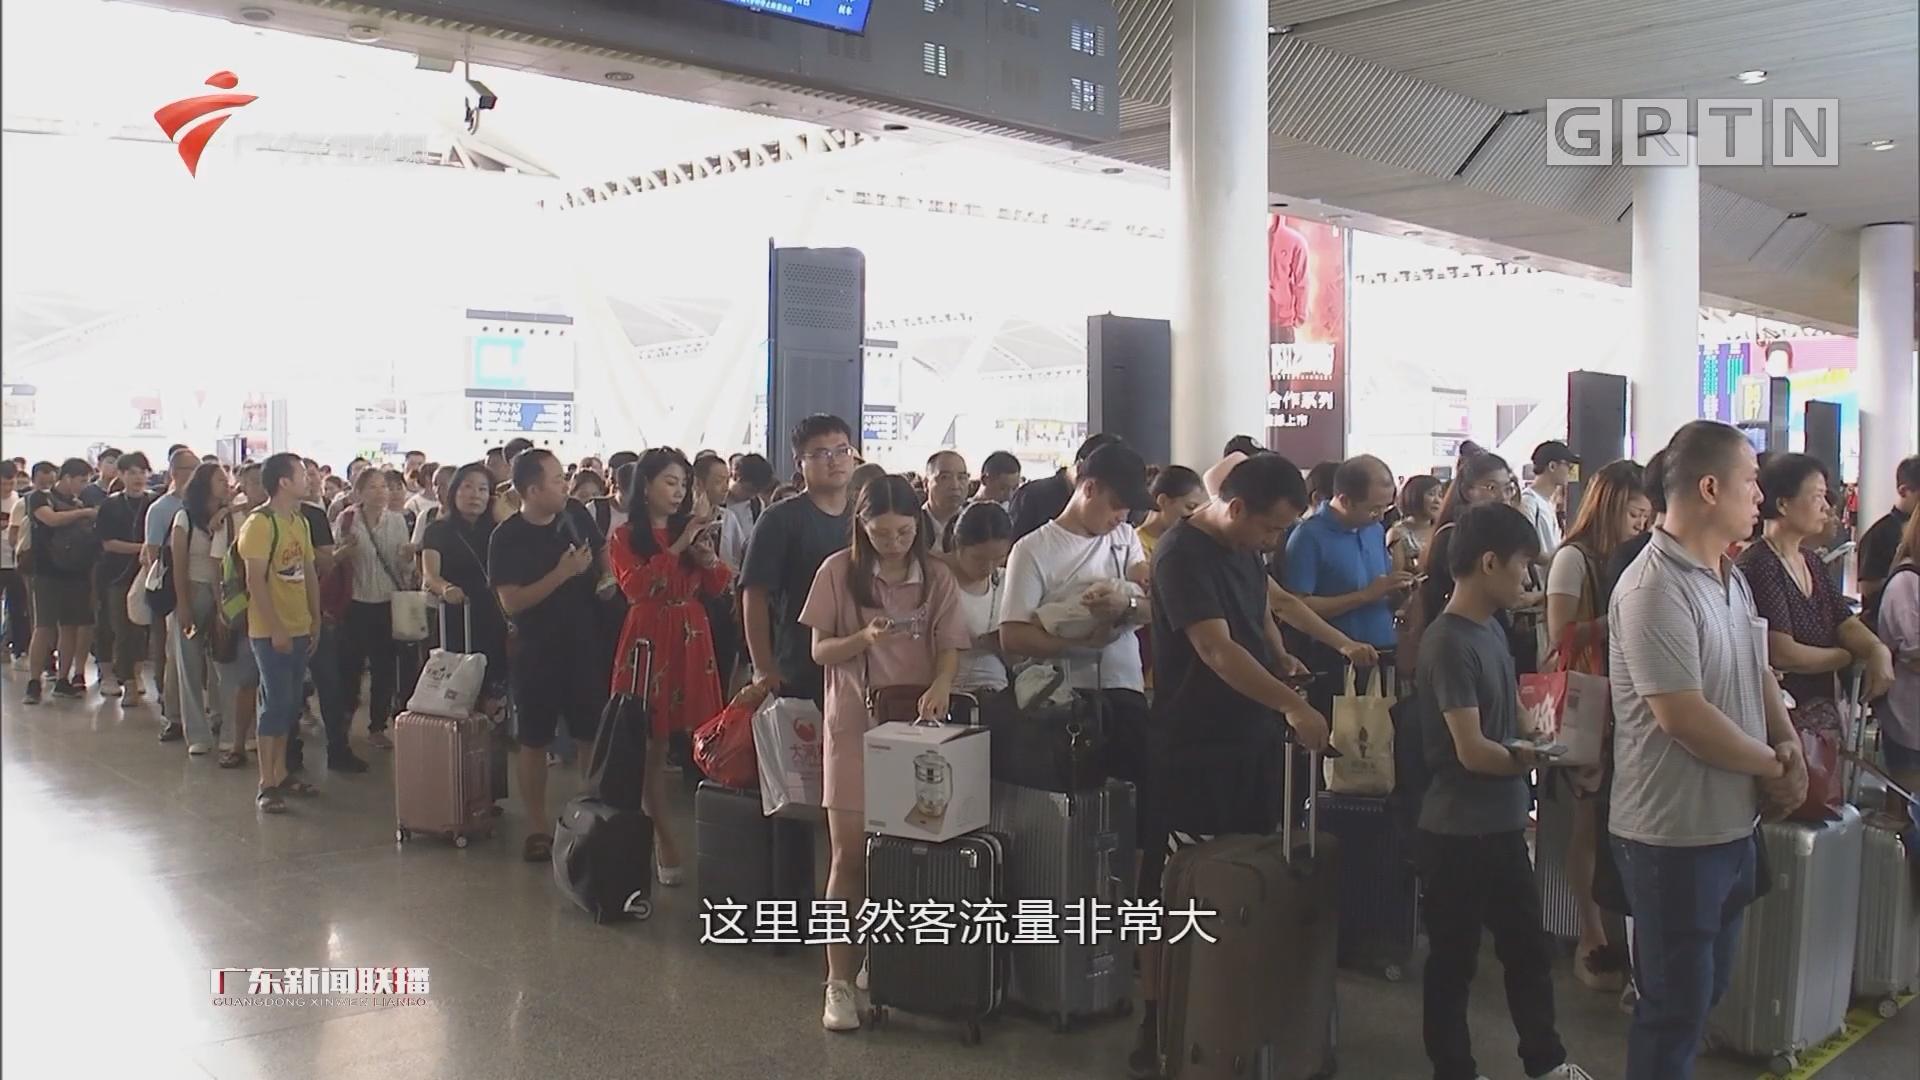 中秋节小长假 铁路公路机场迎来第一轮客流高峰